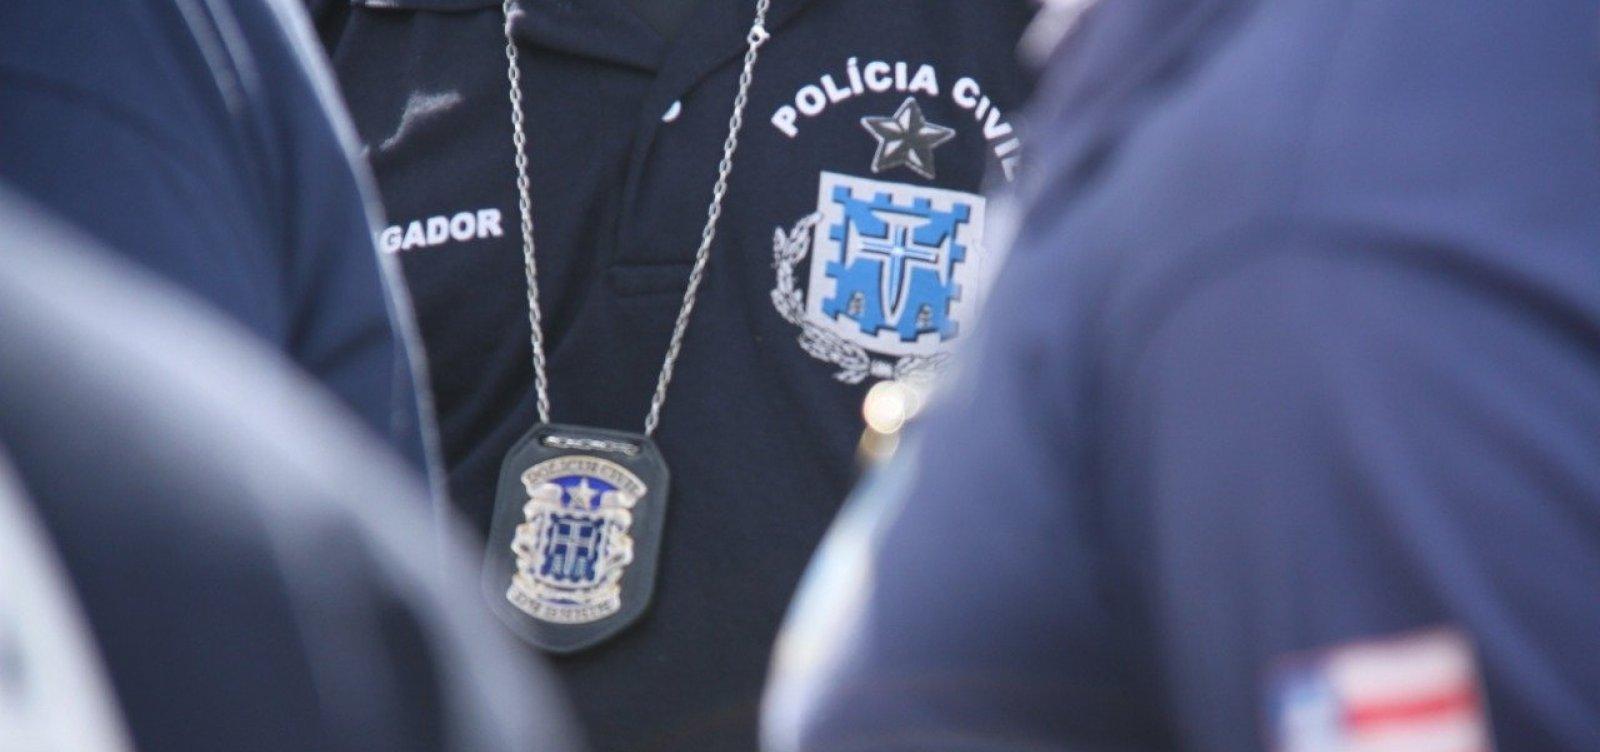 [Polícia apura suposta ligação de ataques com grupo que convocou greve da PM]